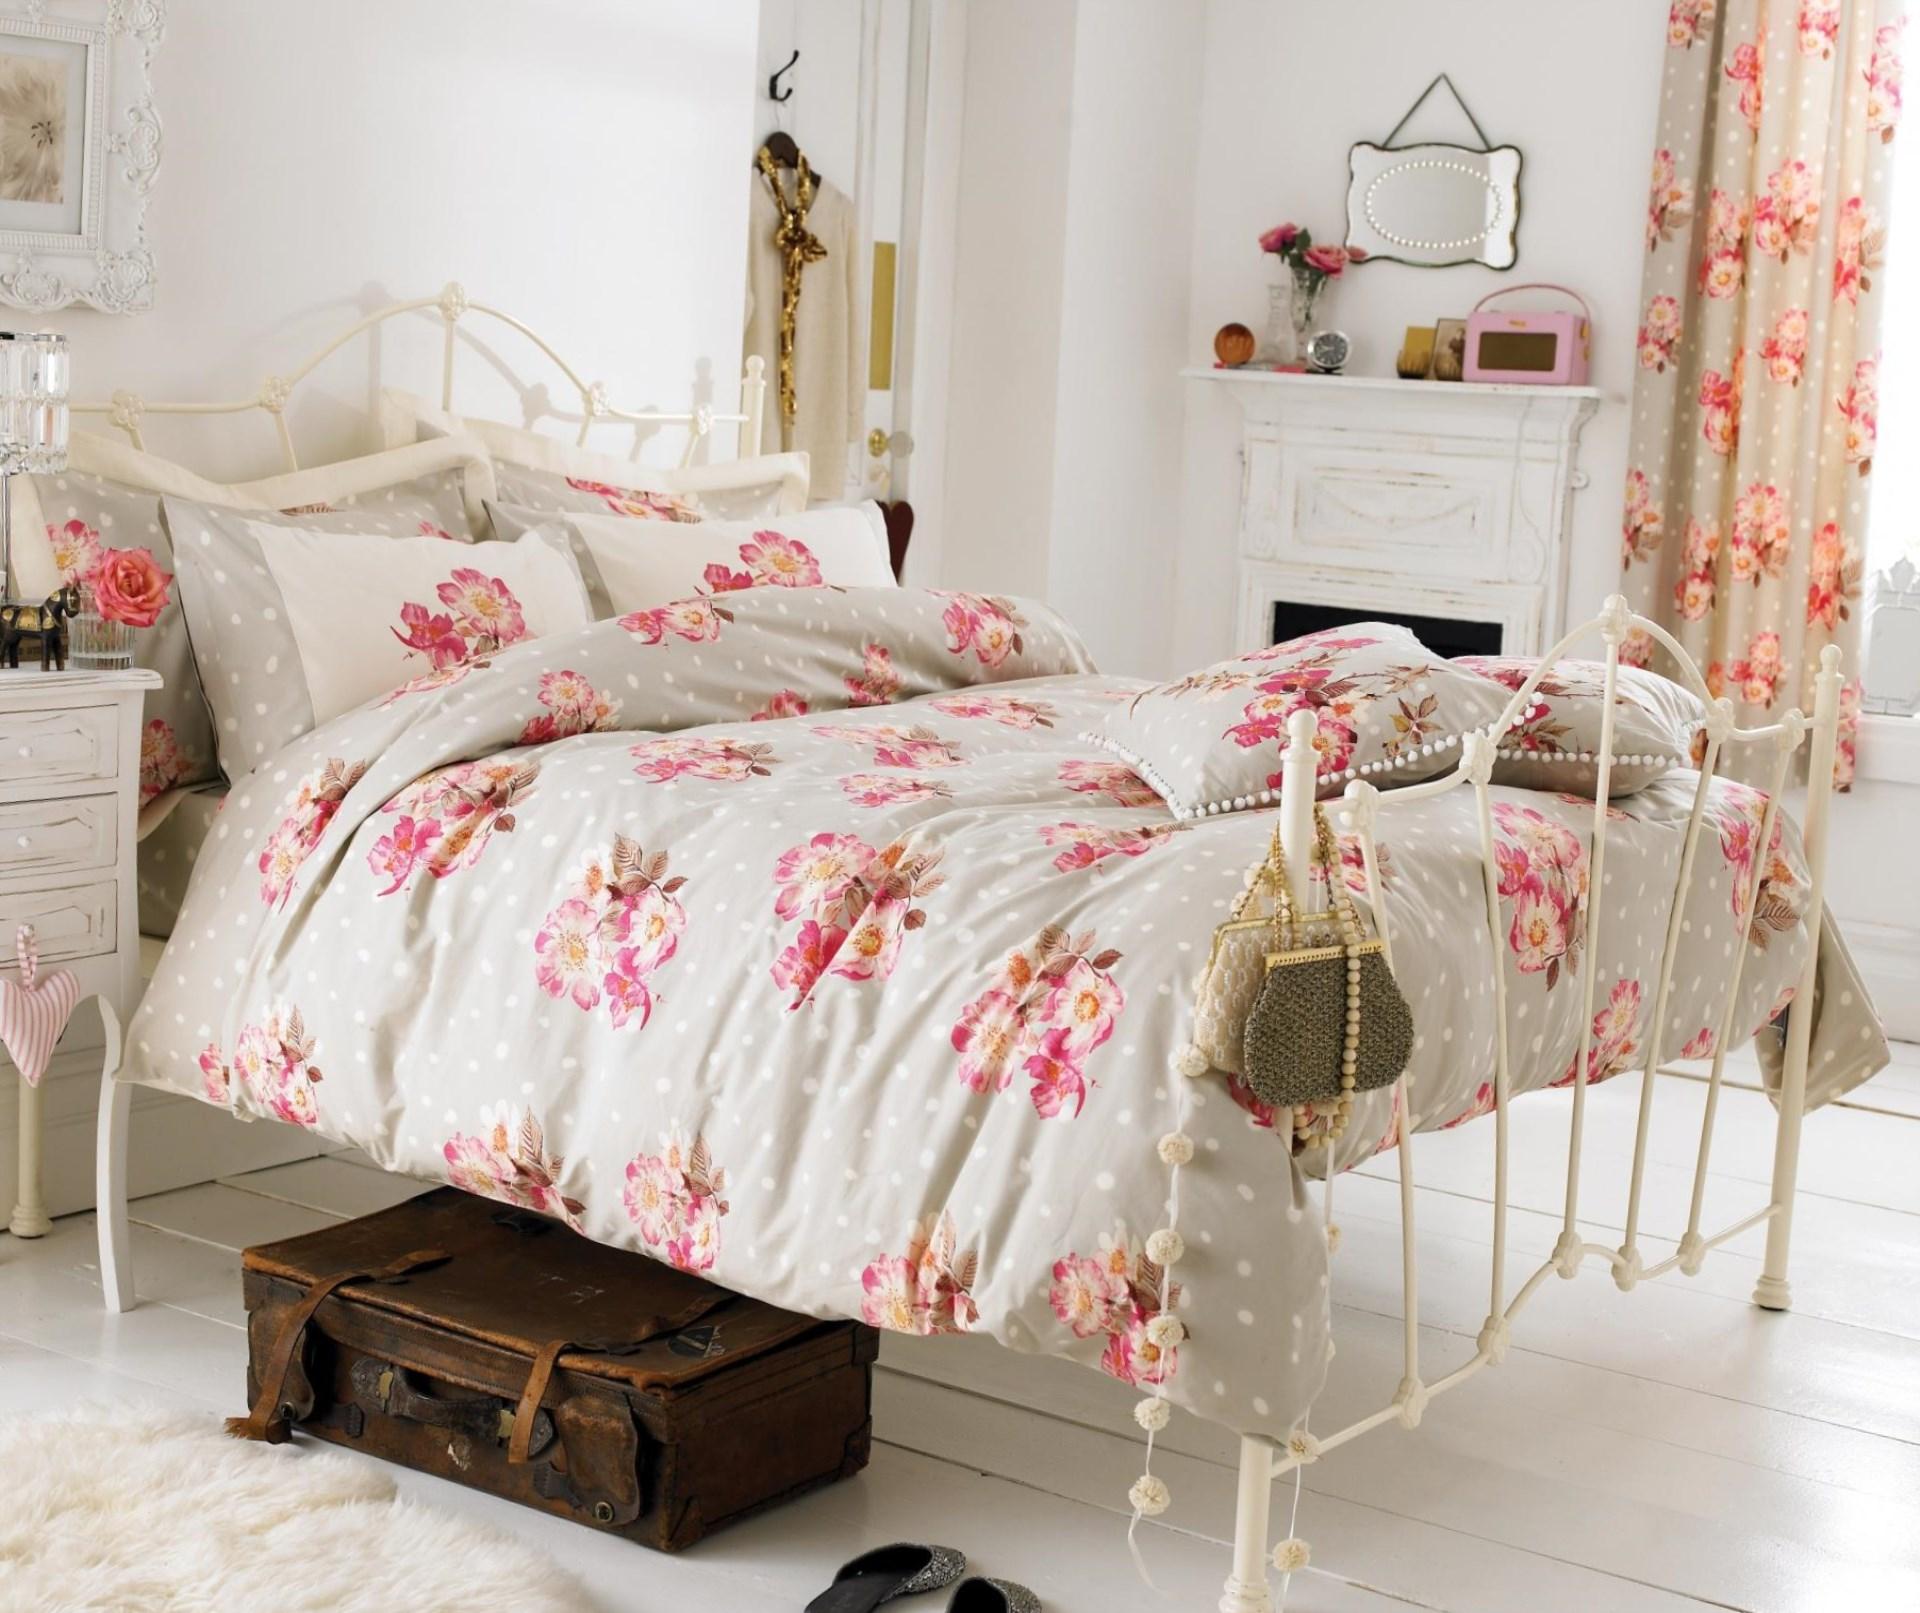 Кованая белая кровать в стиле прованс